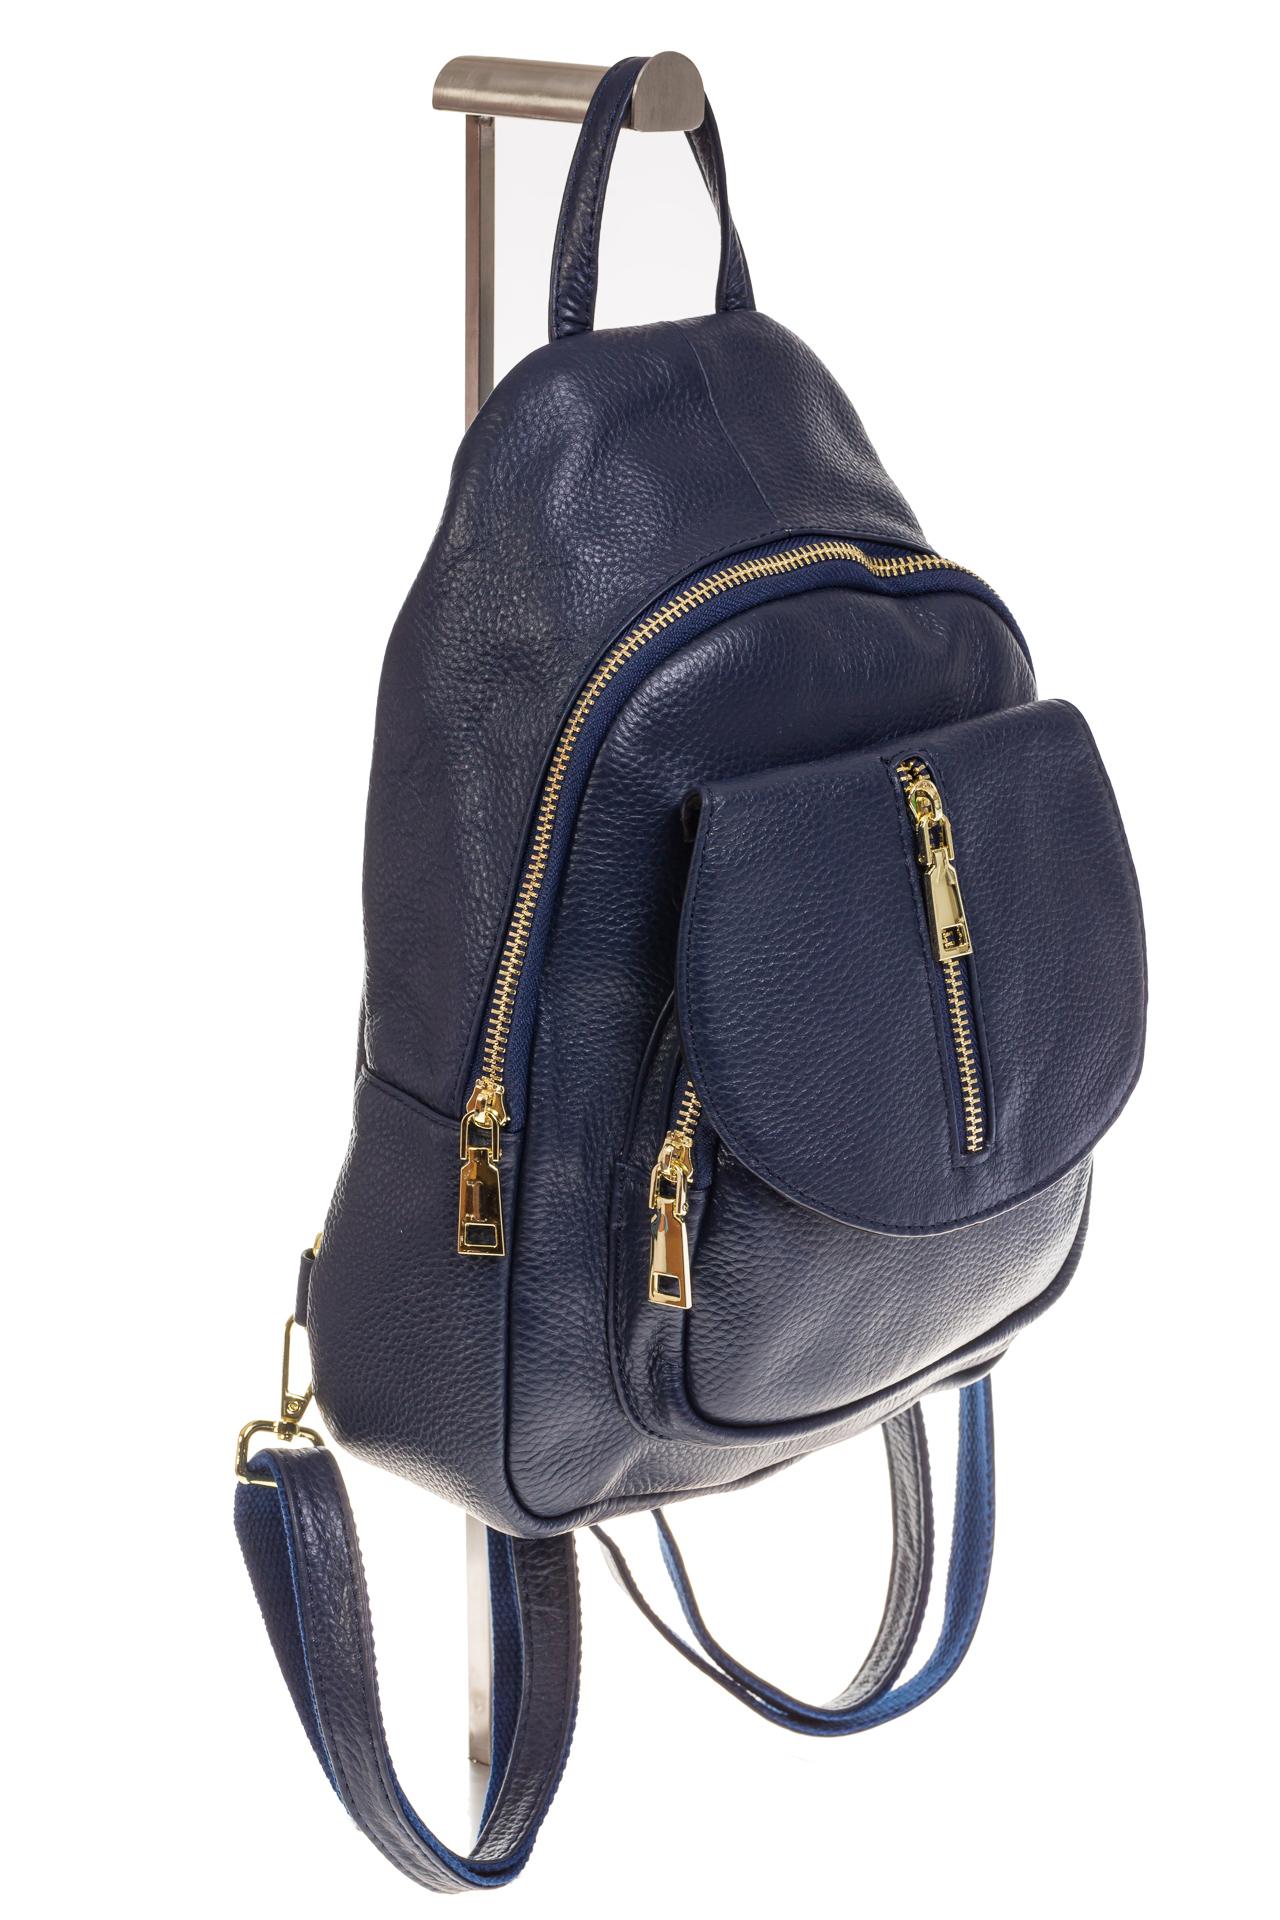 2ca3a85525dc Синий городской рюкзак из кожи для женщин 6016, арт. 6016NKA/2 ...